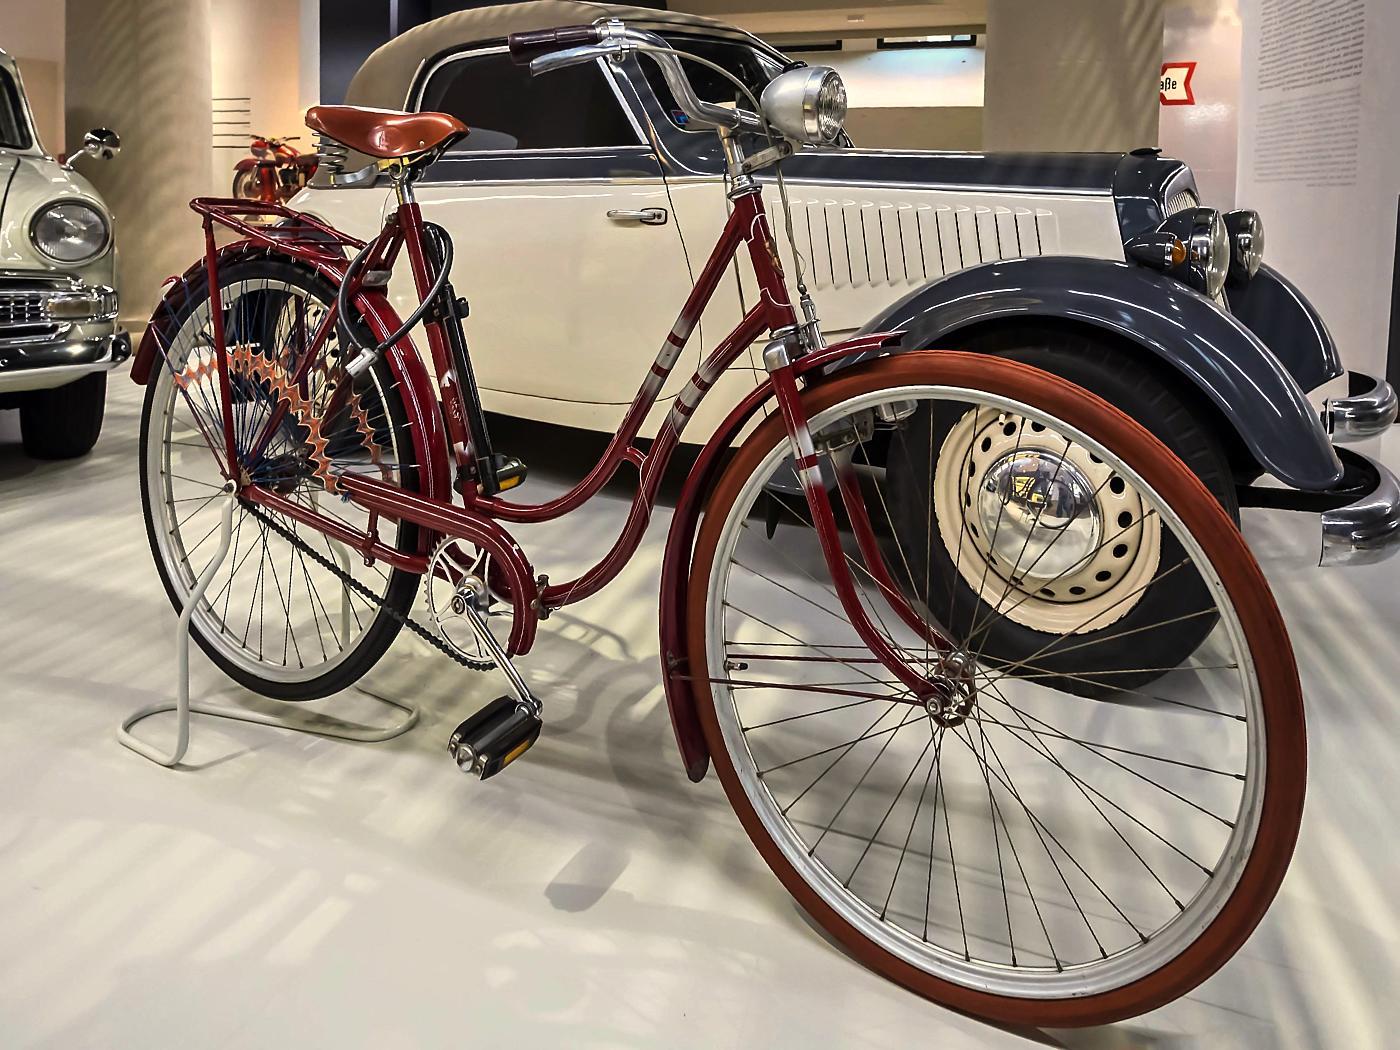 Damentourenrad Möve Modell 15 von 1956